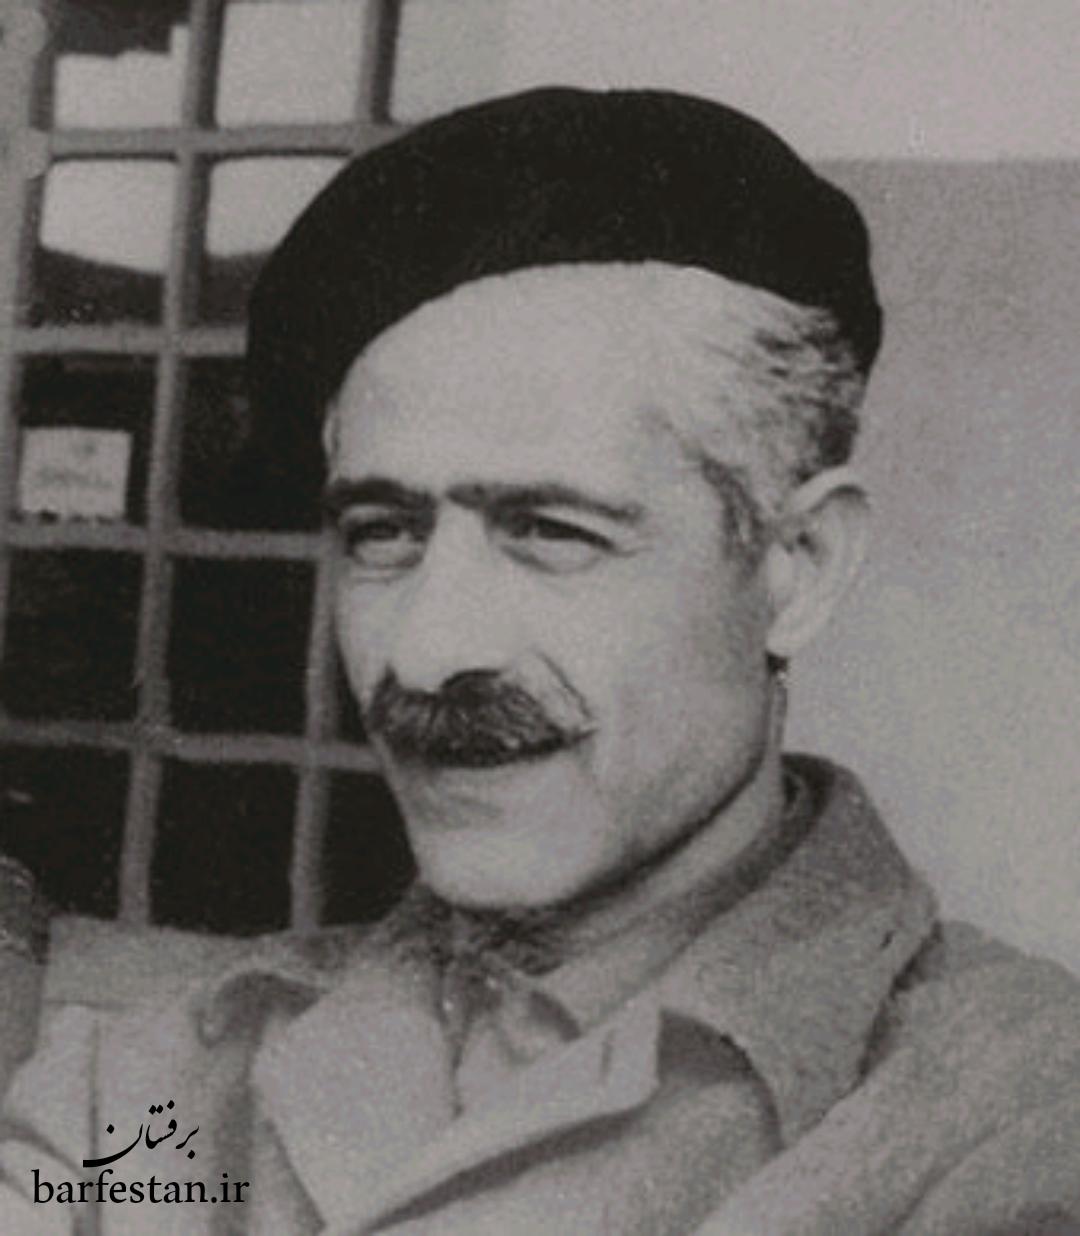 برفستان؛آشنایی با مشاهیر ایرانی(قسمت اول:نویسندگان)جلال آل احمد